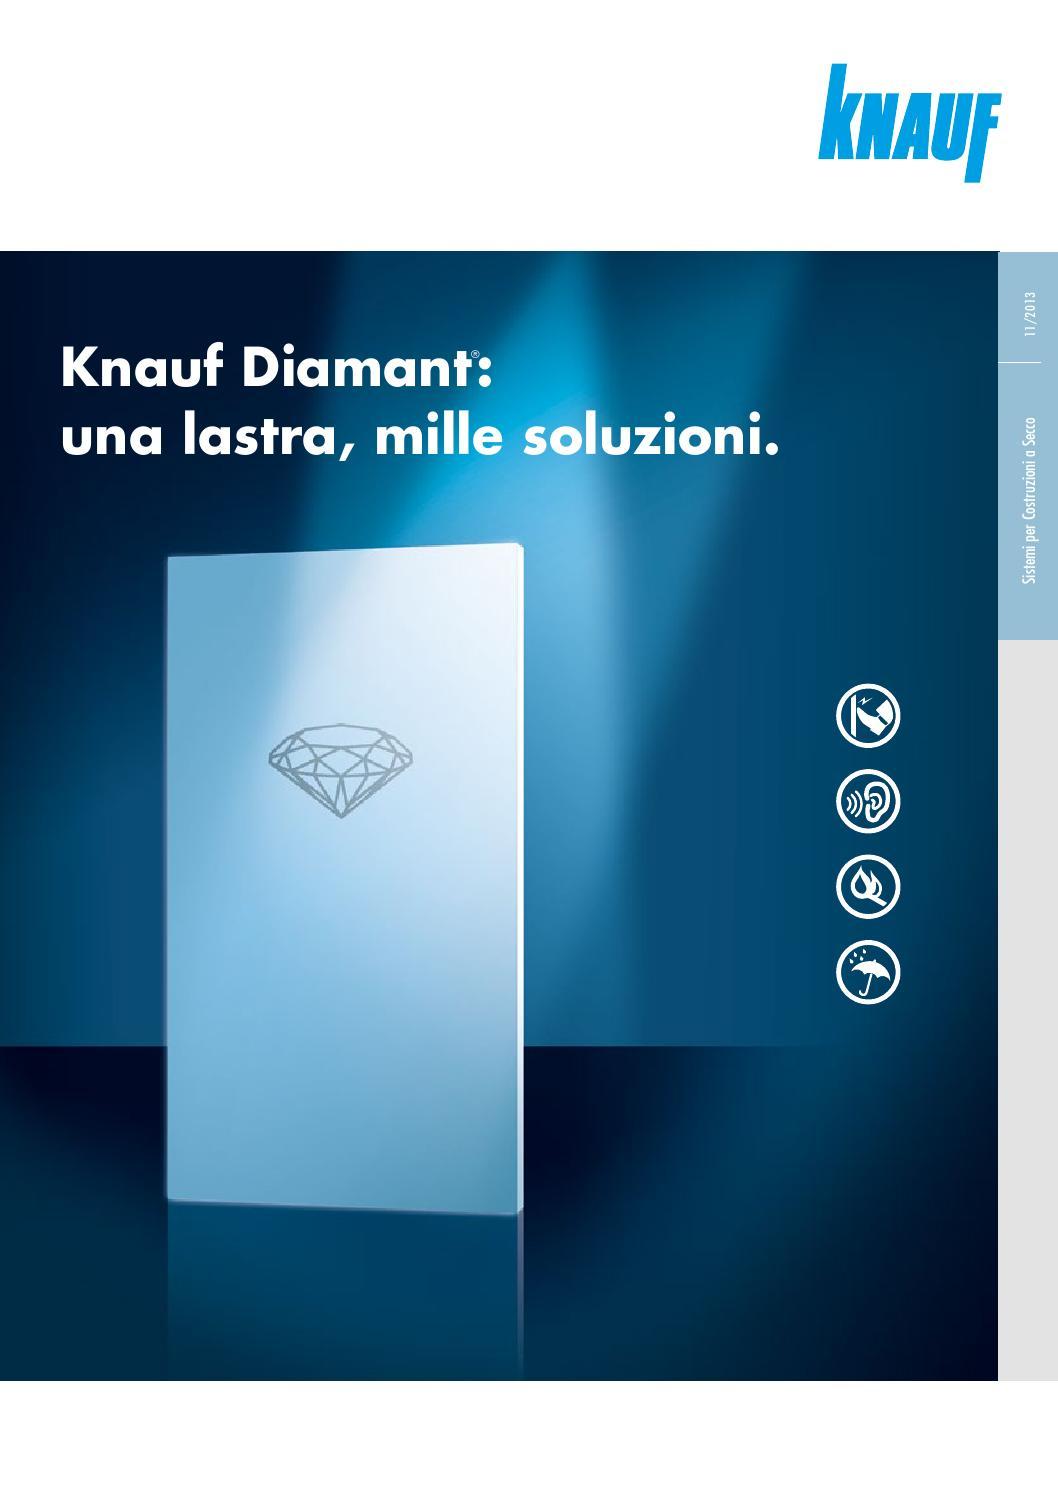 9634]knauf diamant 2015 web by centro edilizia s.r.l   issuu